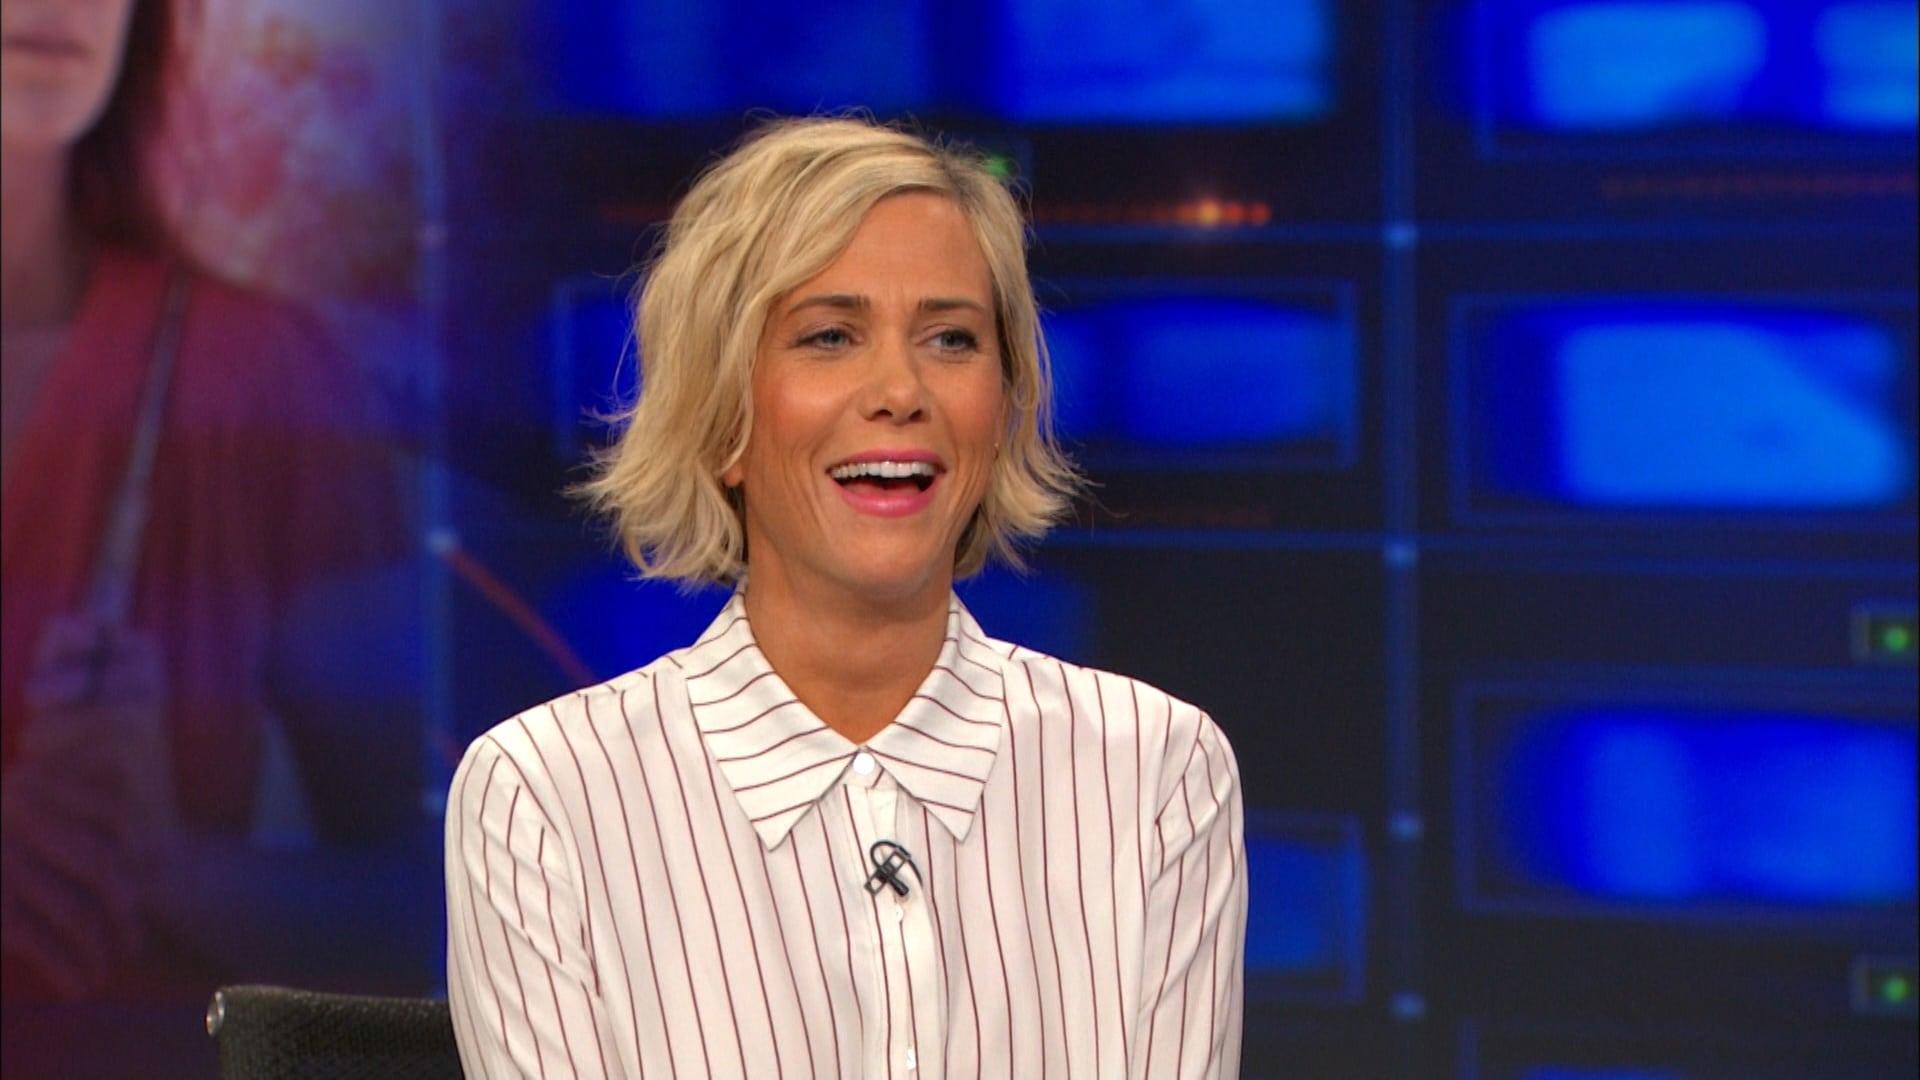 The Daily Show with Trevor Noah Season 20 :Episode 99  Kristen Wiig